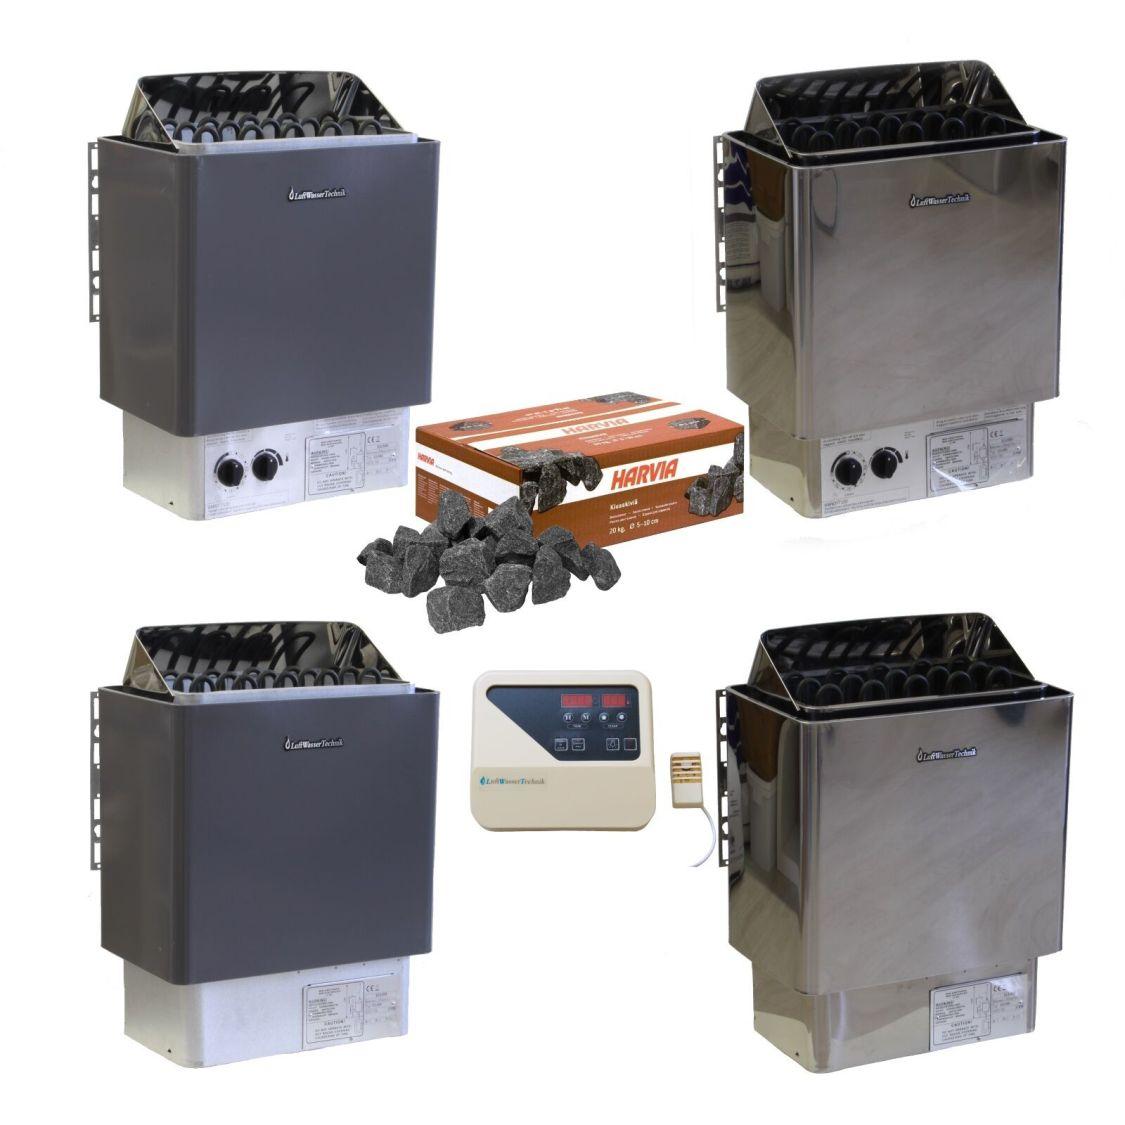 Saunaofen 4,5 / 6,0 / 9,0 KW 400V 3N mit Innensteuerung, oder Außensteuerung